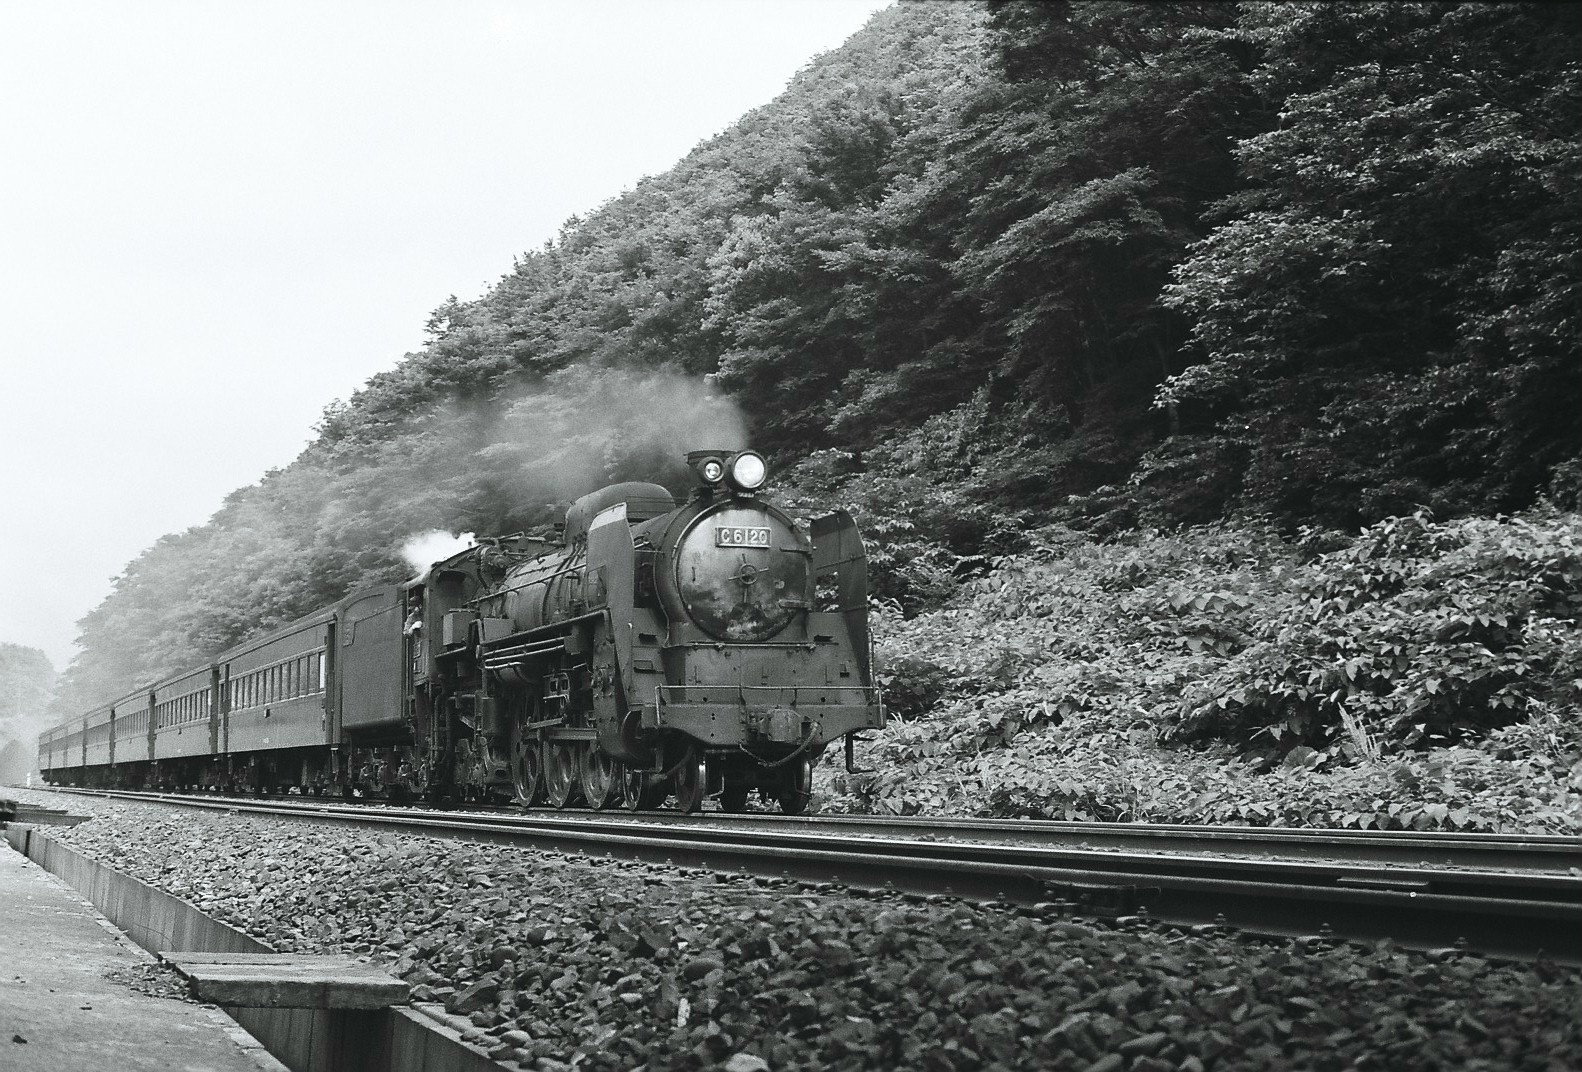 奥羽本線で客車列車をけん引するC61形20号機。1971年7月の撮影です。D51のボイラーを流用して1949年に落成した同機は、青森機関区や仙台機関区に配置され、東北地方の旅客列車に充当されていました。C61-20はその後、写真の撮影直後である9月に宮崎機関区へと転属し、2年後の1973年に廃車されます。1974年より群馬県伊勢崎市で保存された後、2011年に動態保存車として復活。以来、群馬県を中心としたJR東日本管内の各路線で、SL列車の先頭に立って大活躍しています。